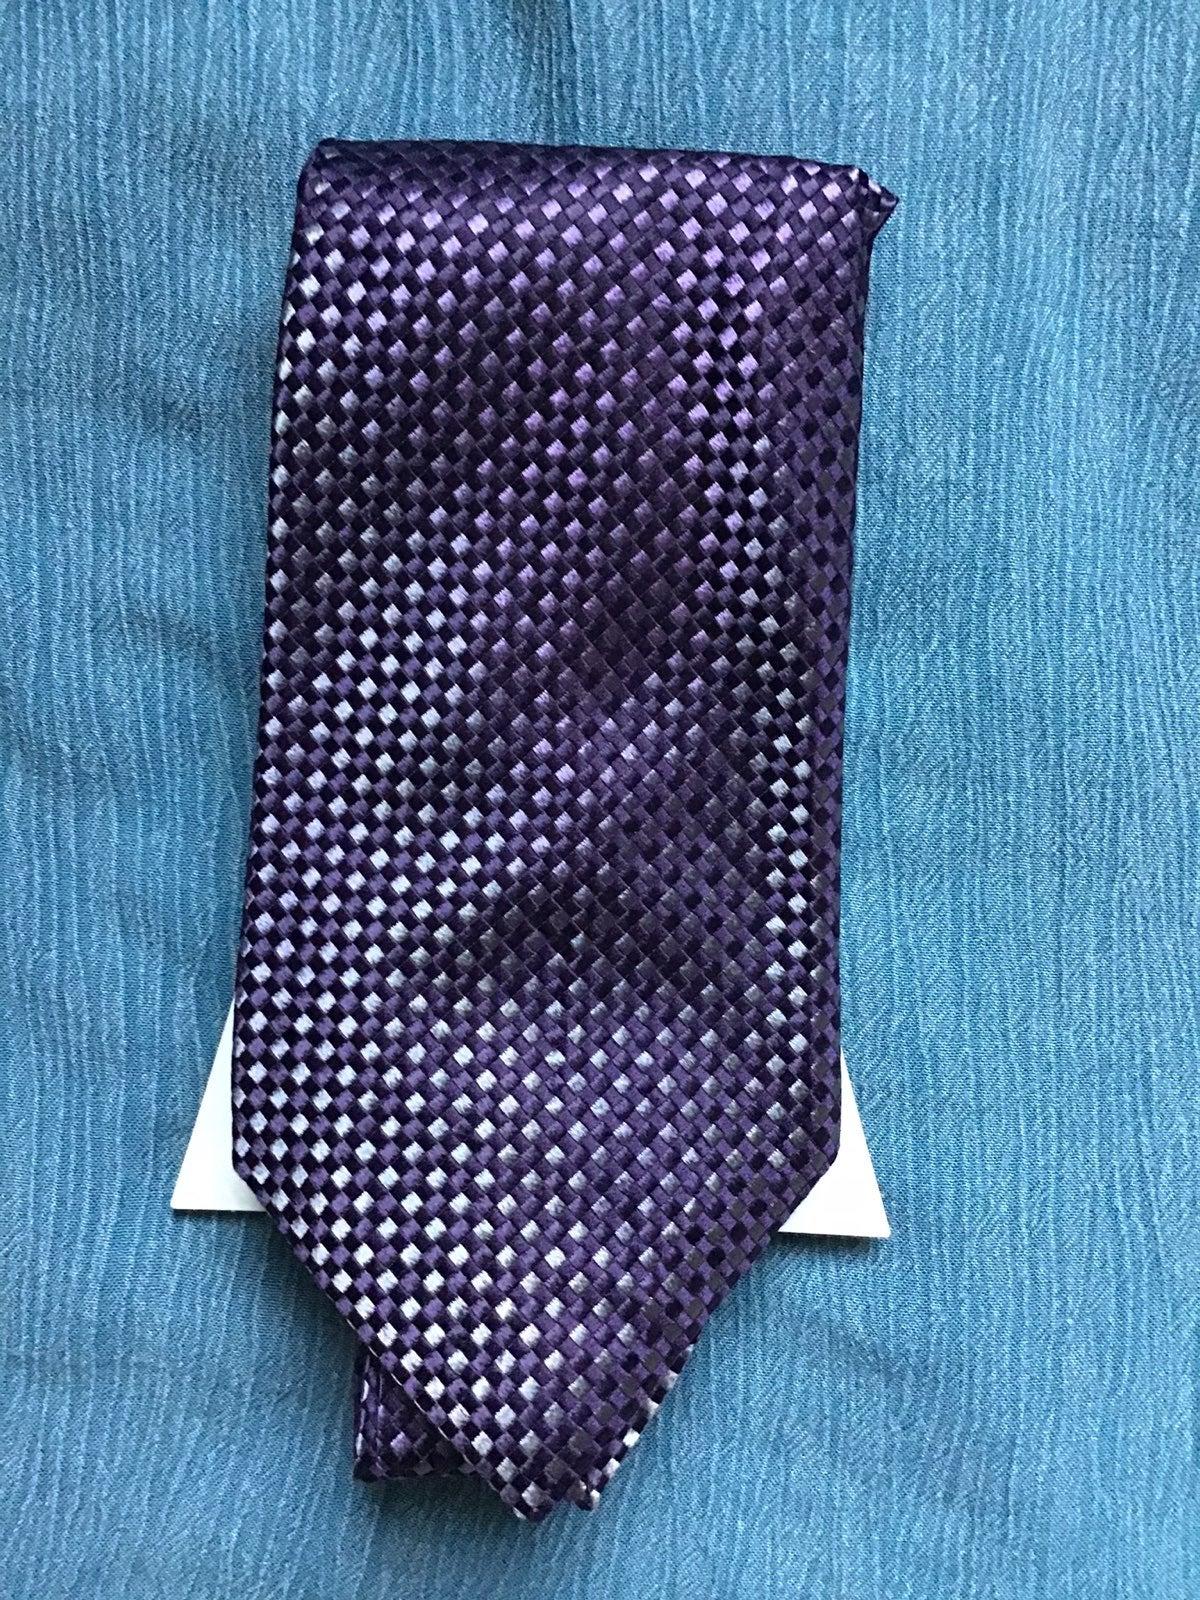 Roundtree & Yorke purple silk tie